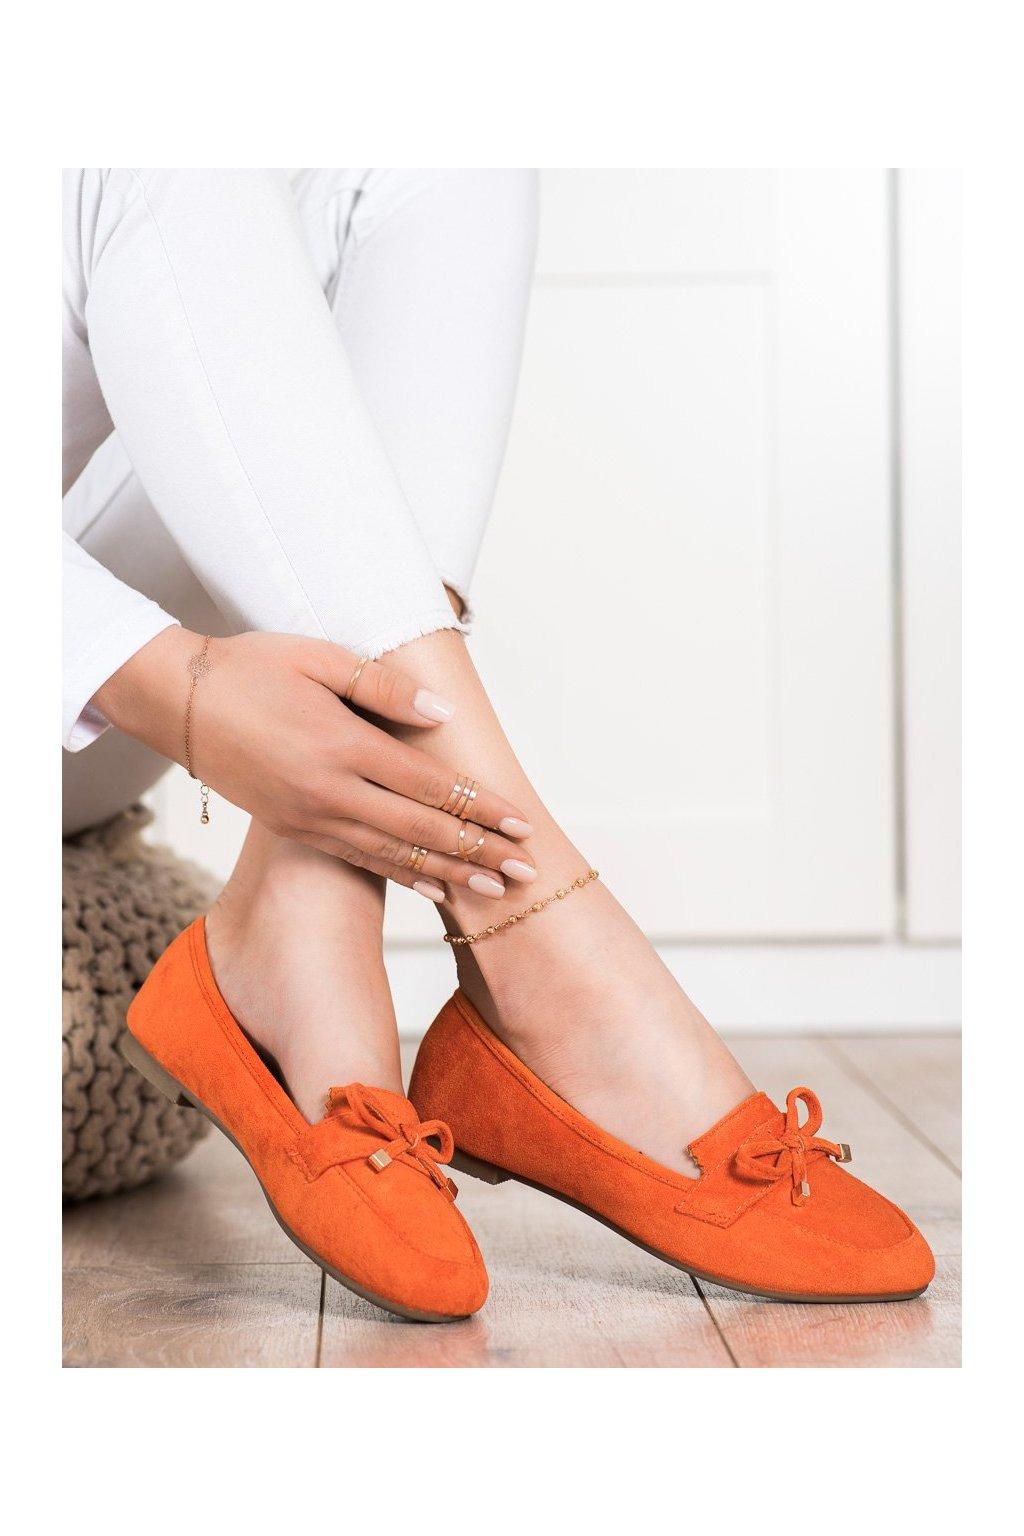 Oranžové dámske mokasíny Anesia paris kod 88-386OR